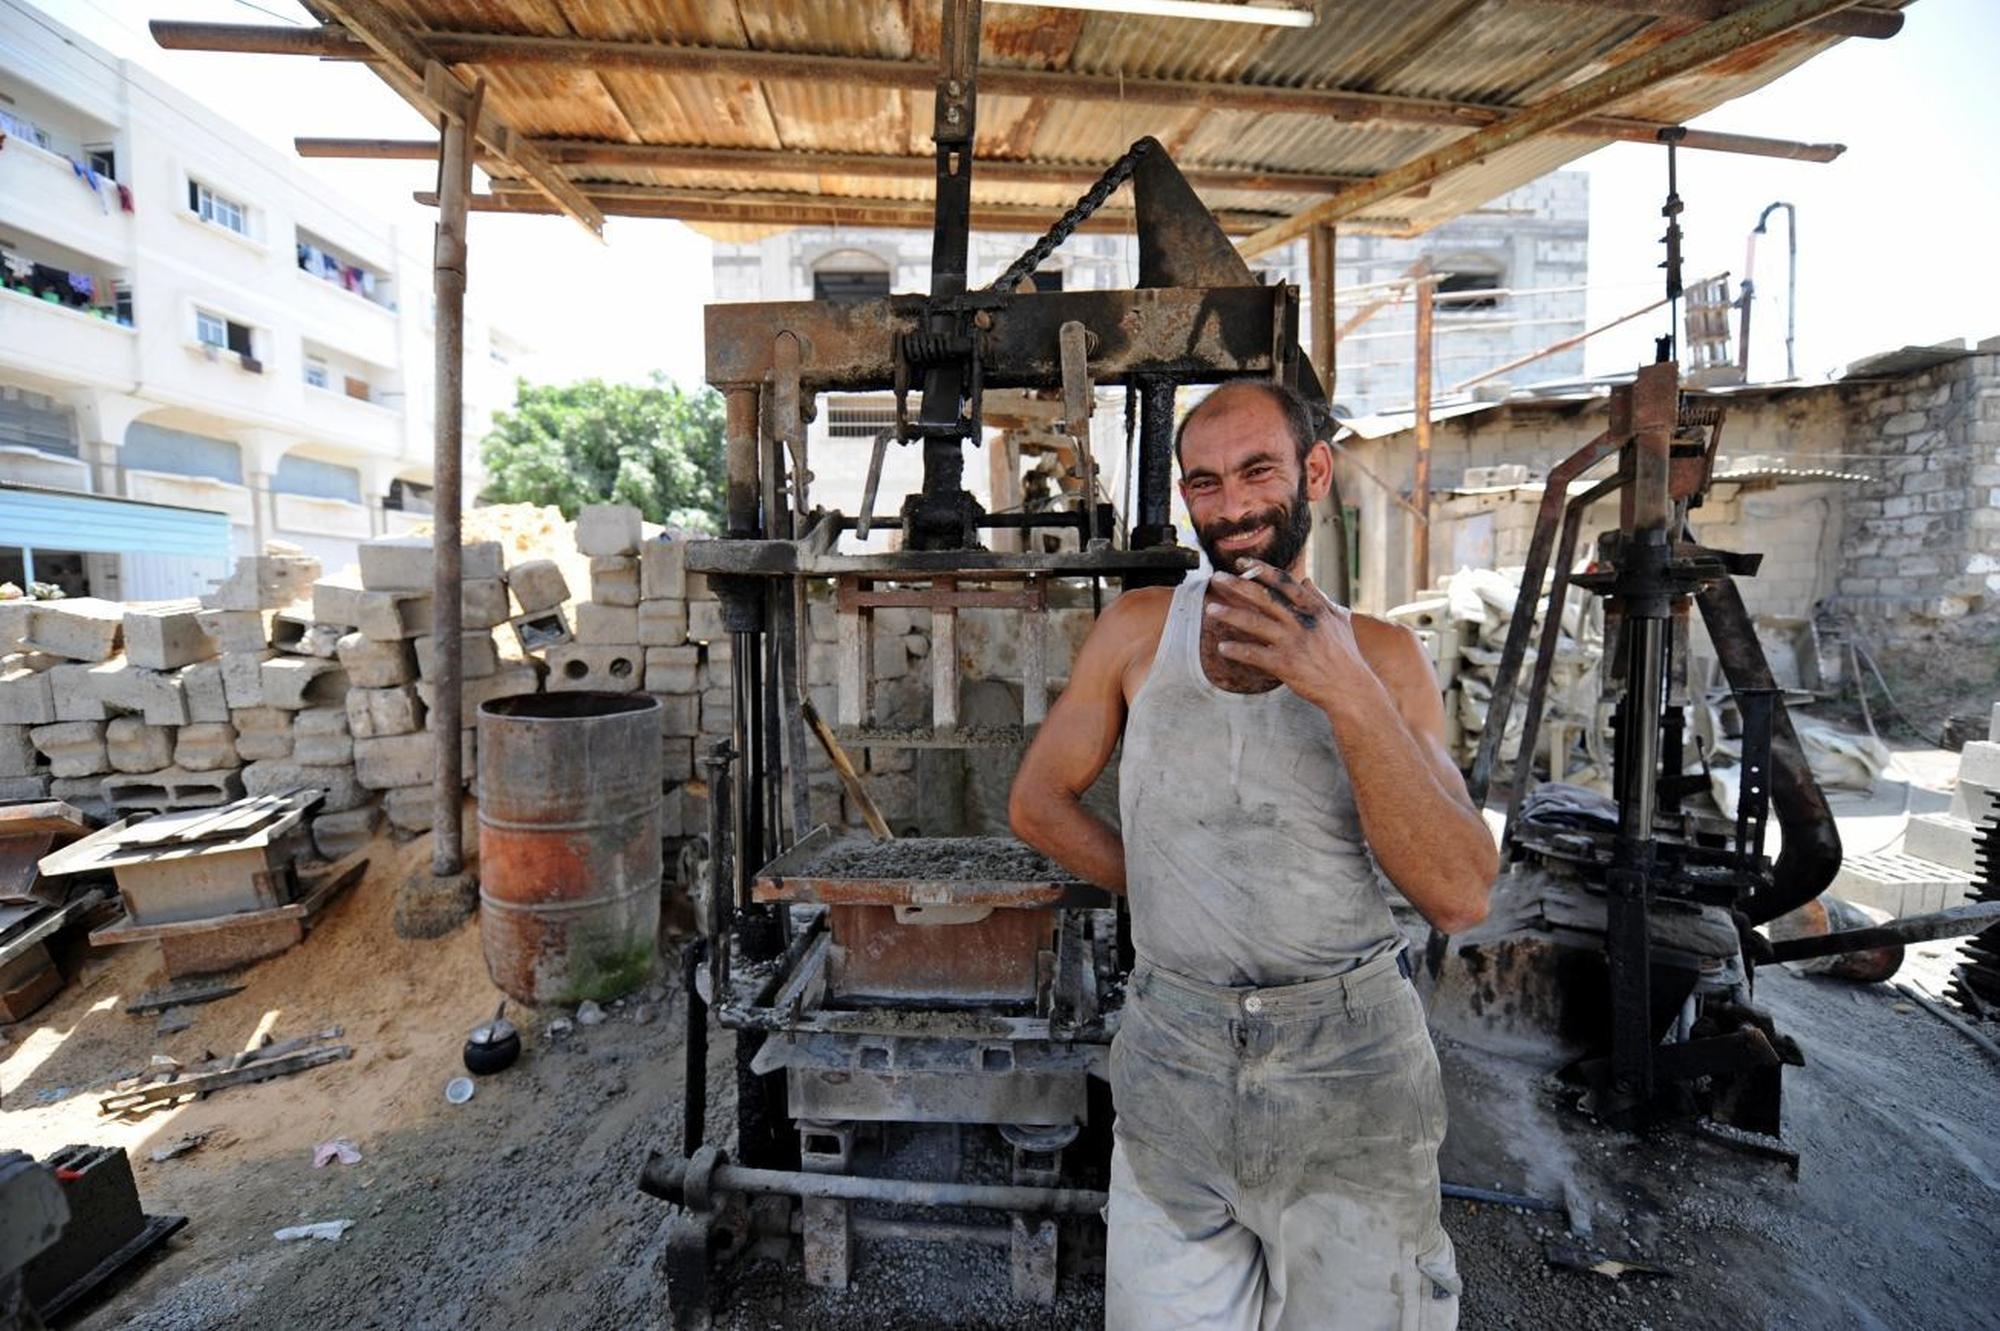 جميع الجهات المُشاركة في العمل على المشروع تتطلّب موافقة إسرائيلية. تصوير: كارل شمبري.